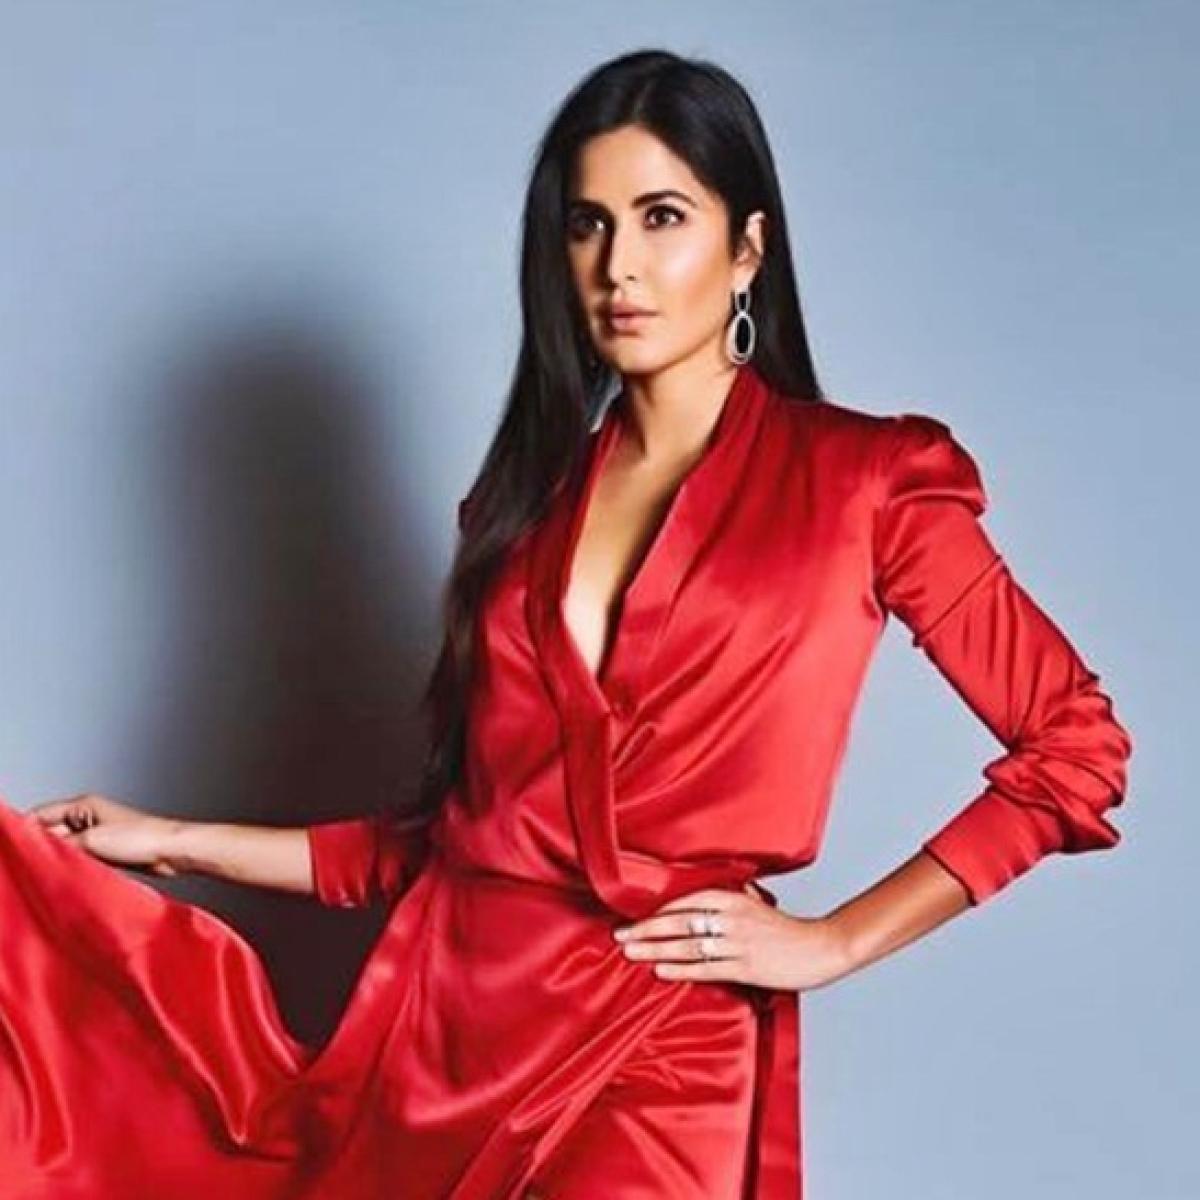 Katrina Kaif to open LFW Winter/Festive 2019 with Manish Malhotra